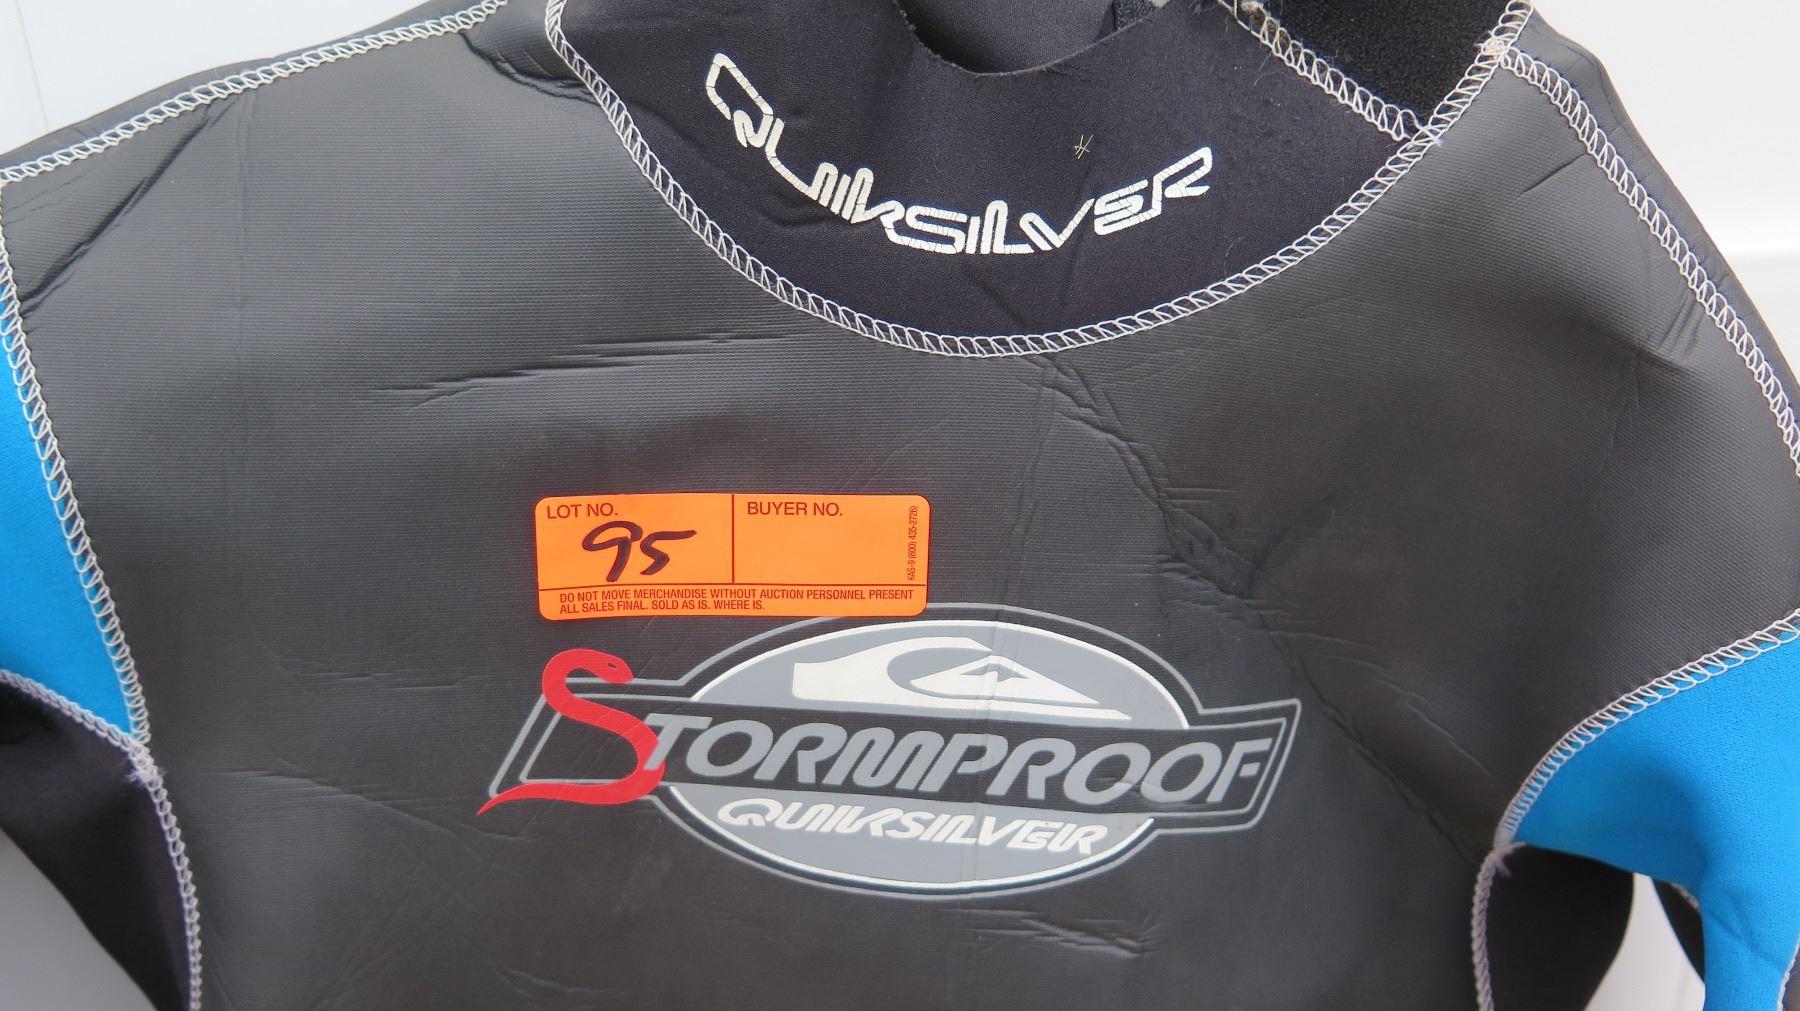 2f49ba0670 ... Image 3   Wetsuit - Mens Quiksilver Stormproof Wet Suit size M ...